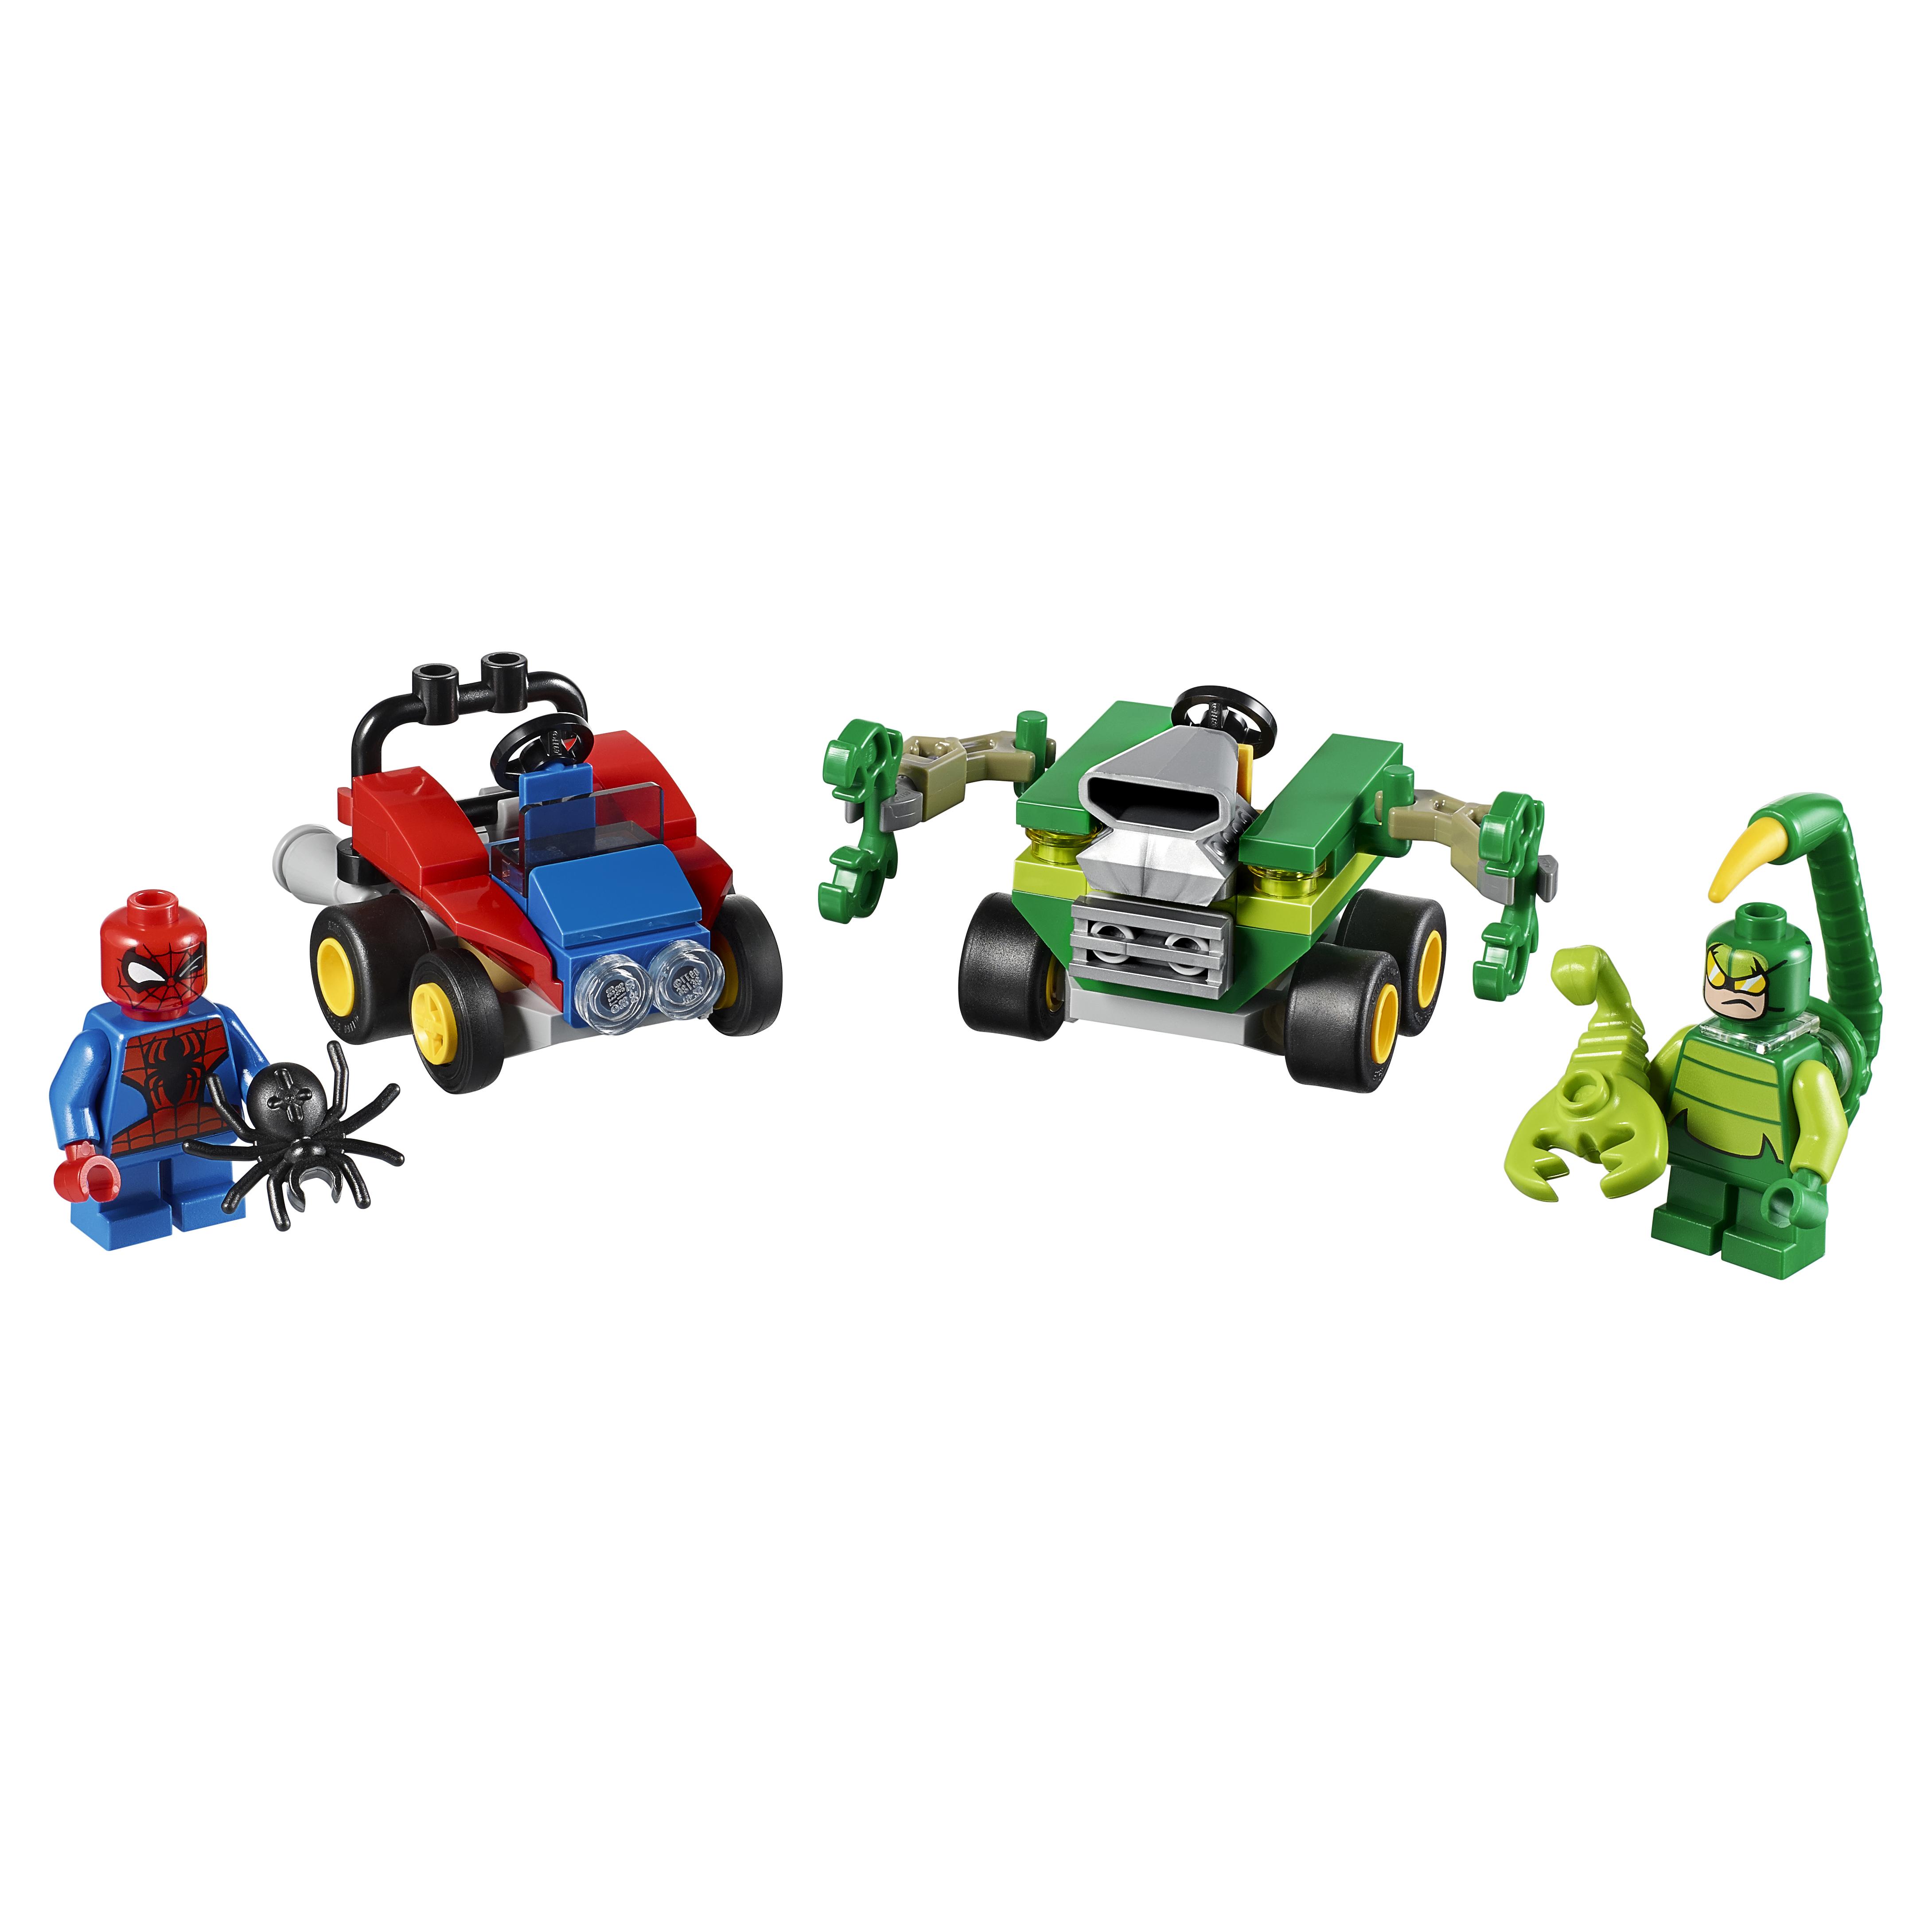 Купить Конструктор LEGO Super Heroes Mighty Micros: Человек-паук против Скорпиона (76071)